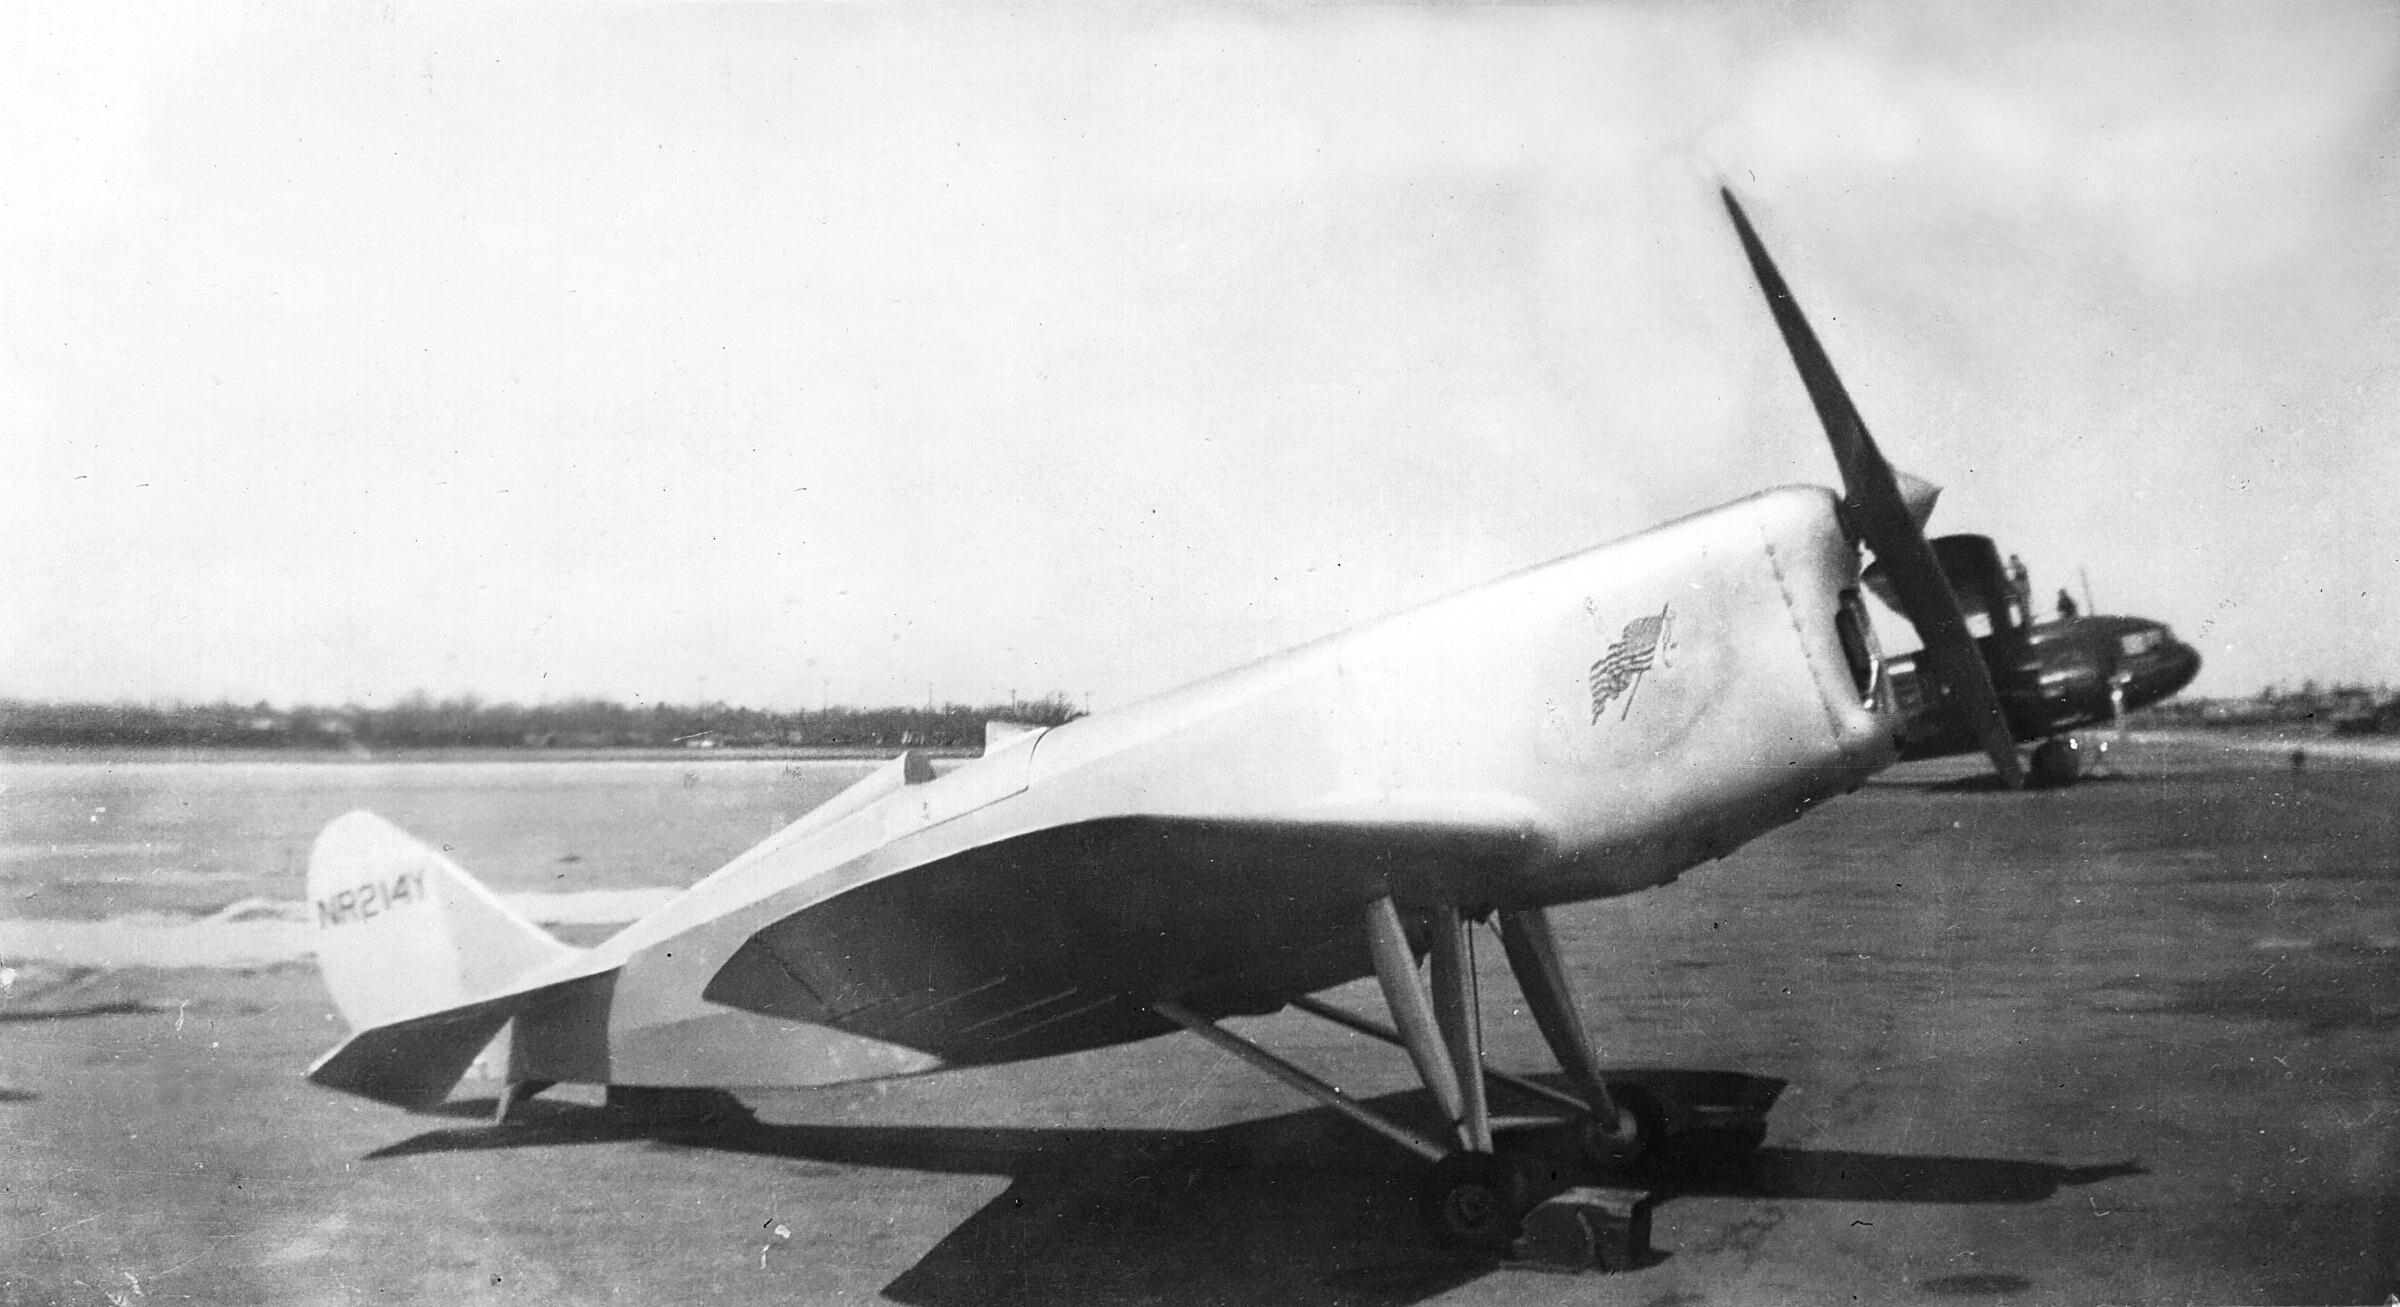 1934 Burrows R-5, NR214Y 120 hp Martin 333, four cylinder